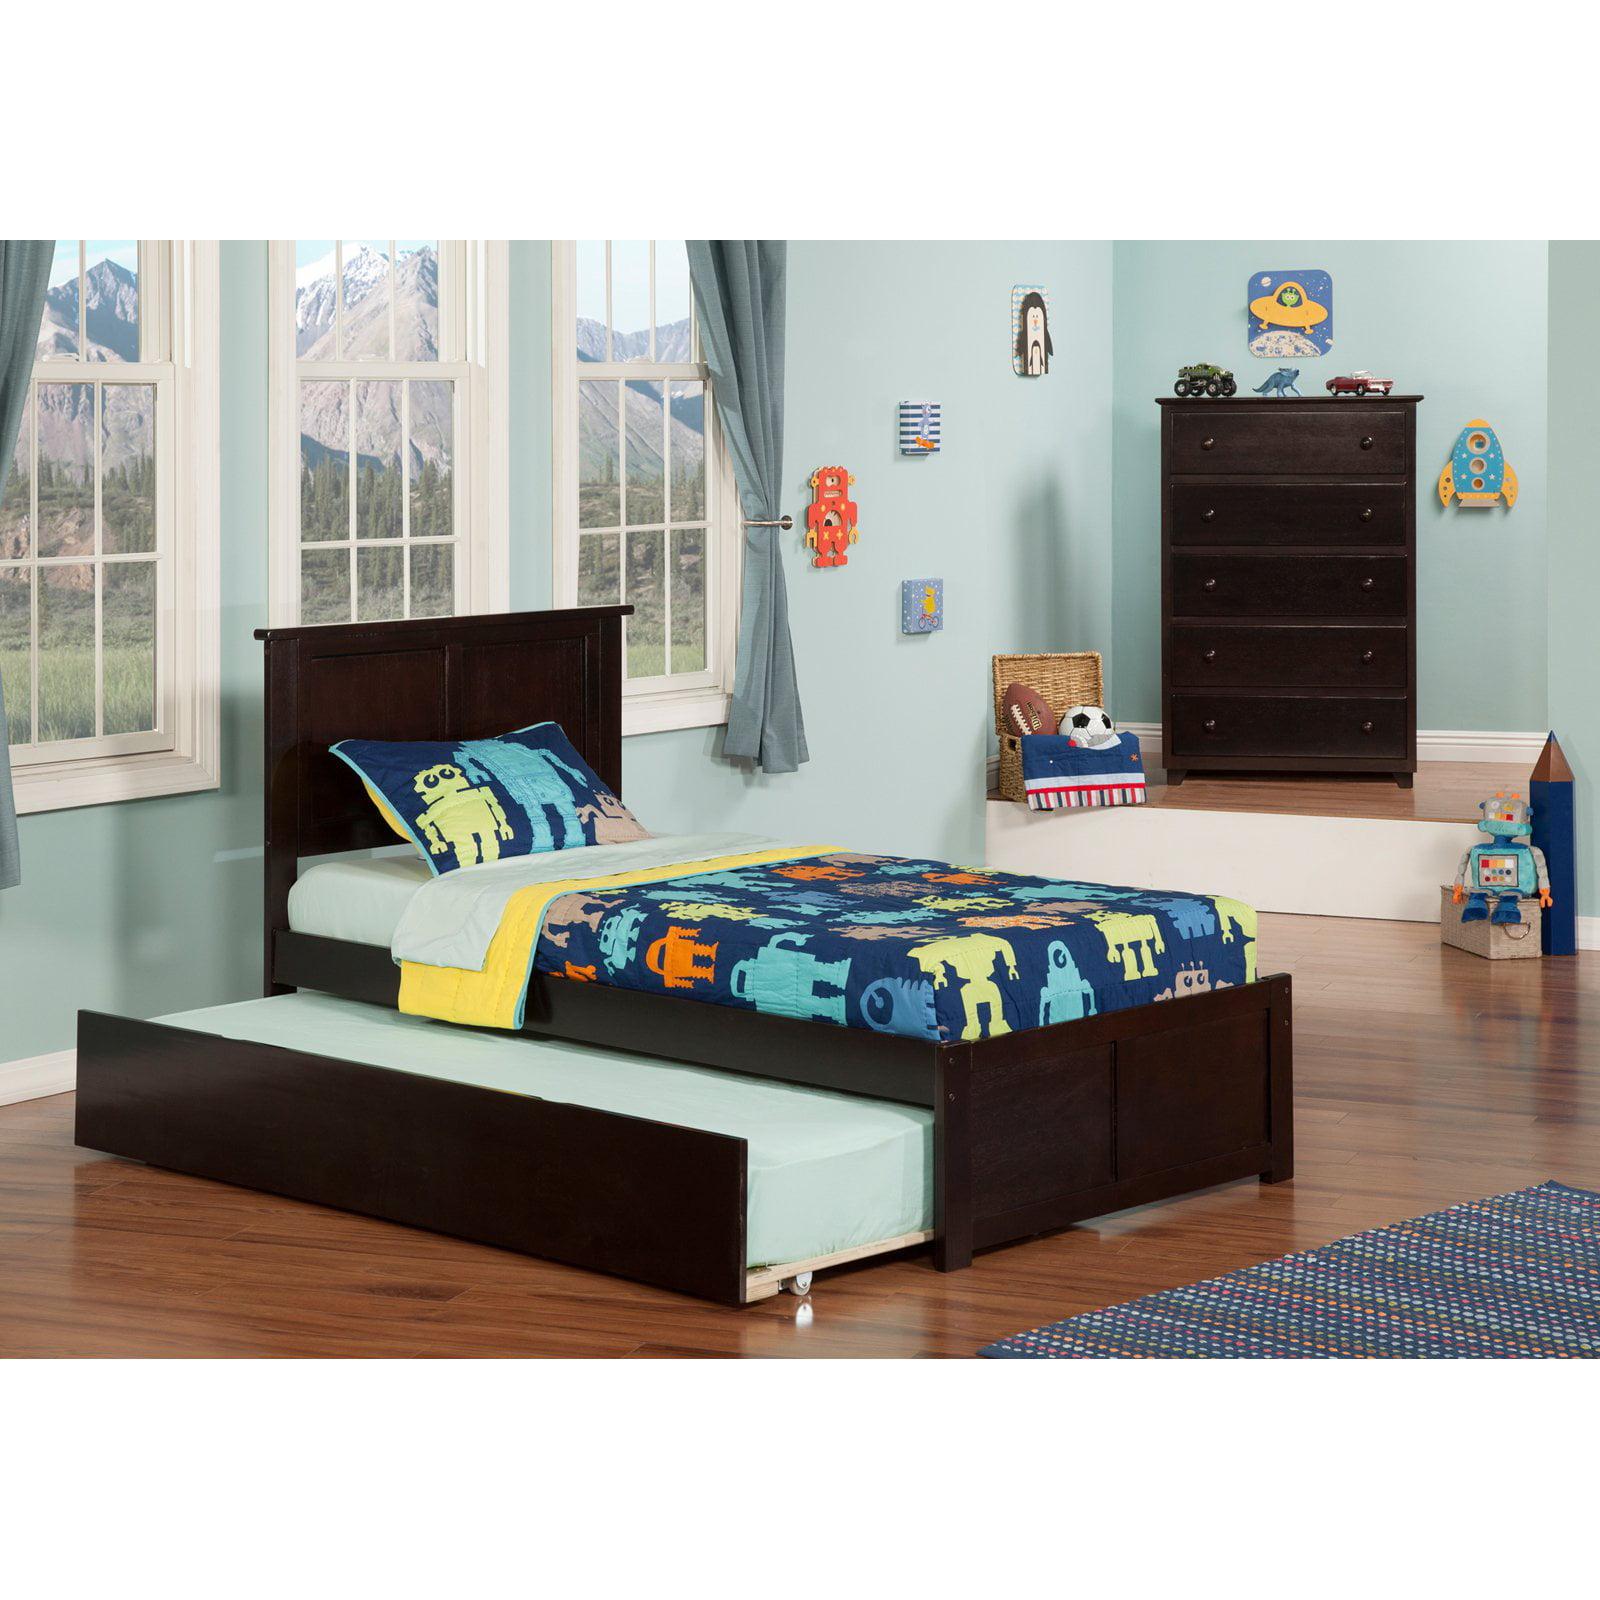 Atlantic Furniture Madison Bedroom Set